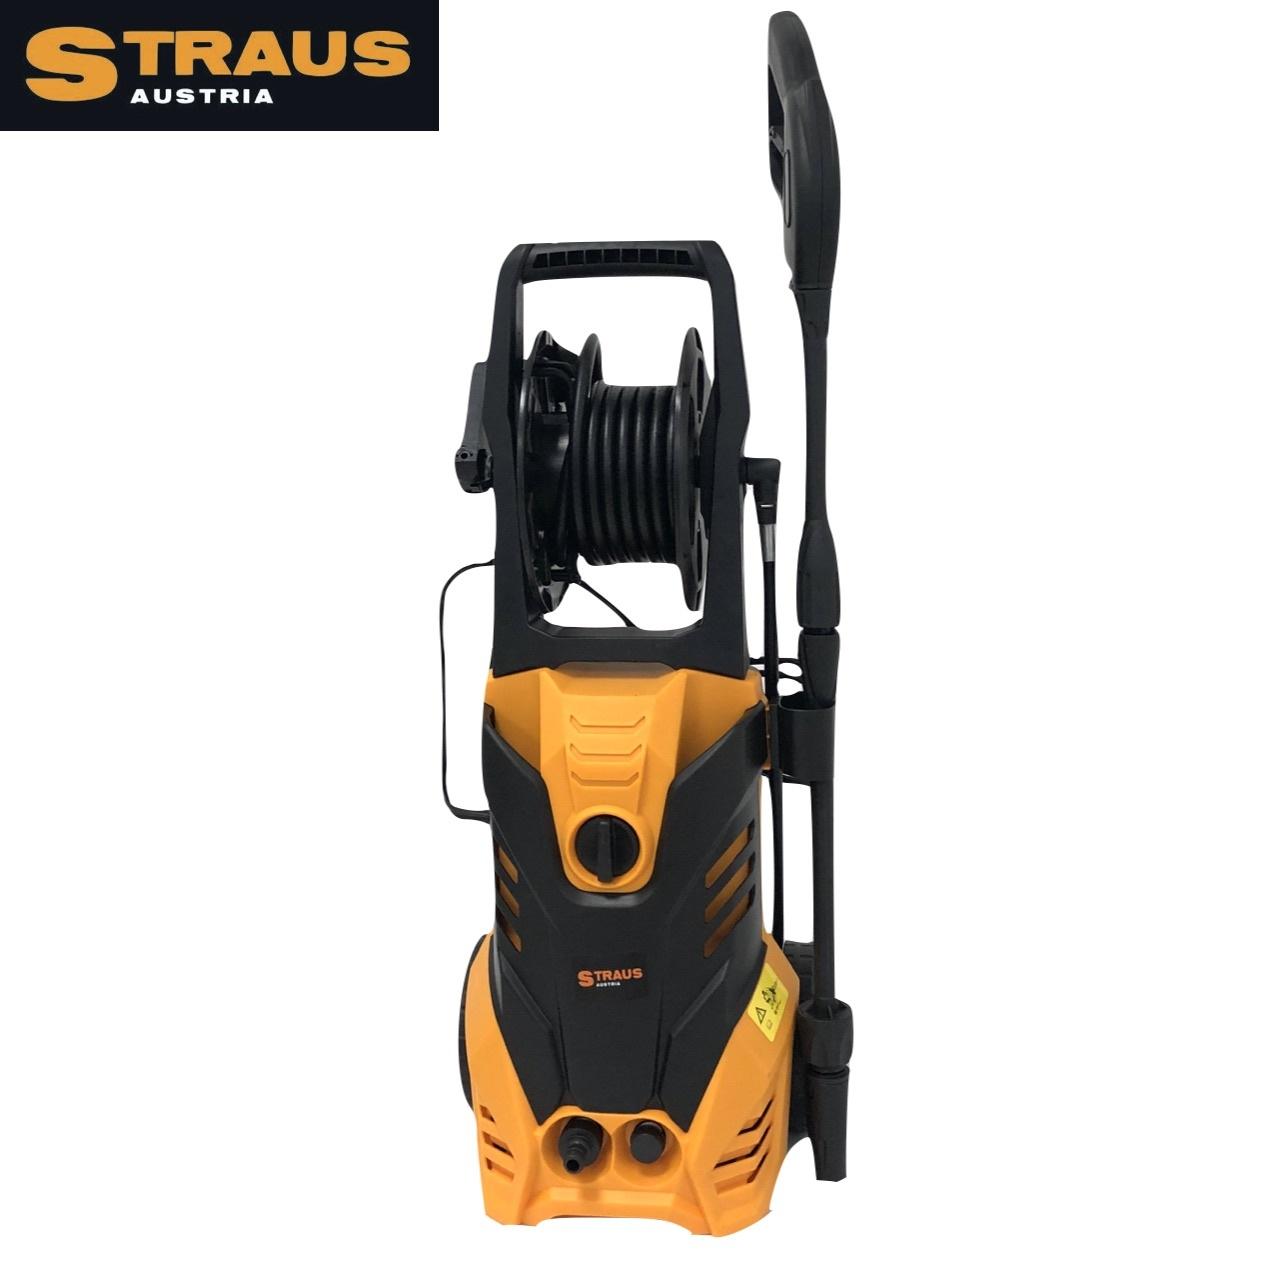 Straus Hogedrukreiniger + 7 accessoires 3500W 6L/min 5m